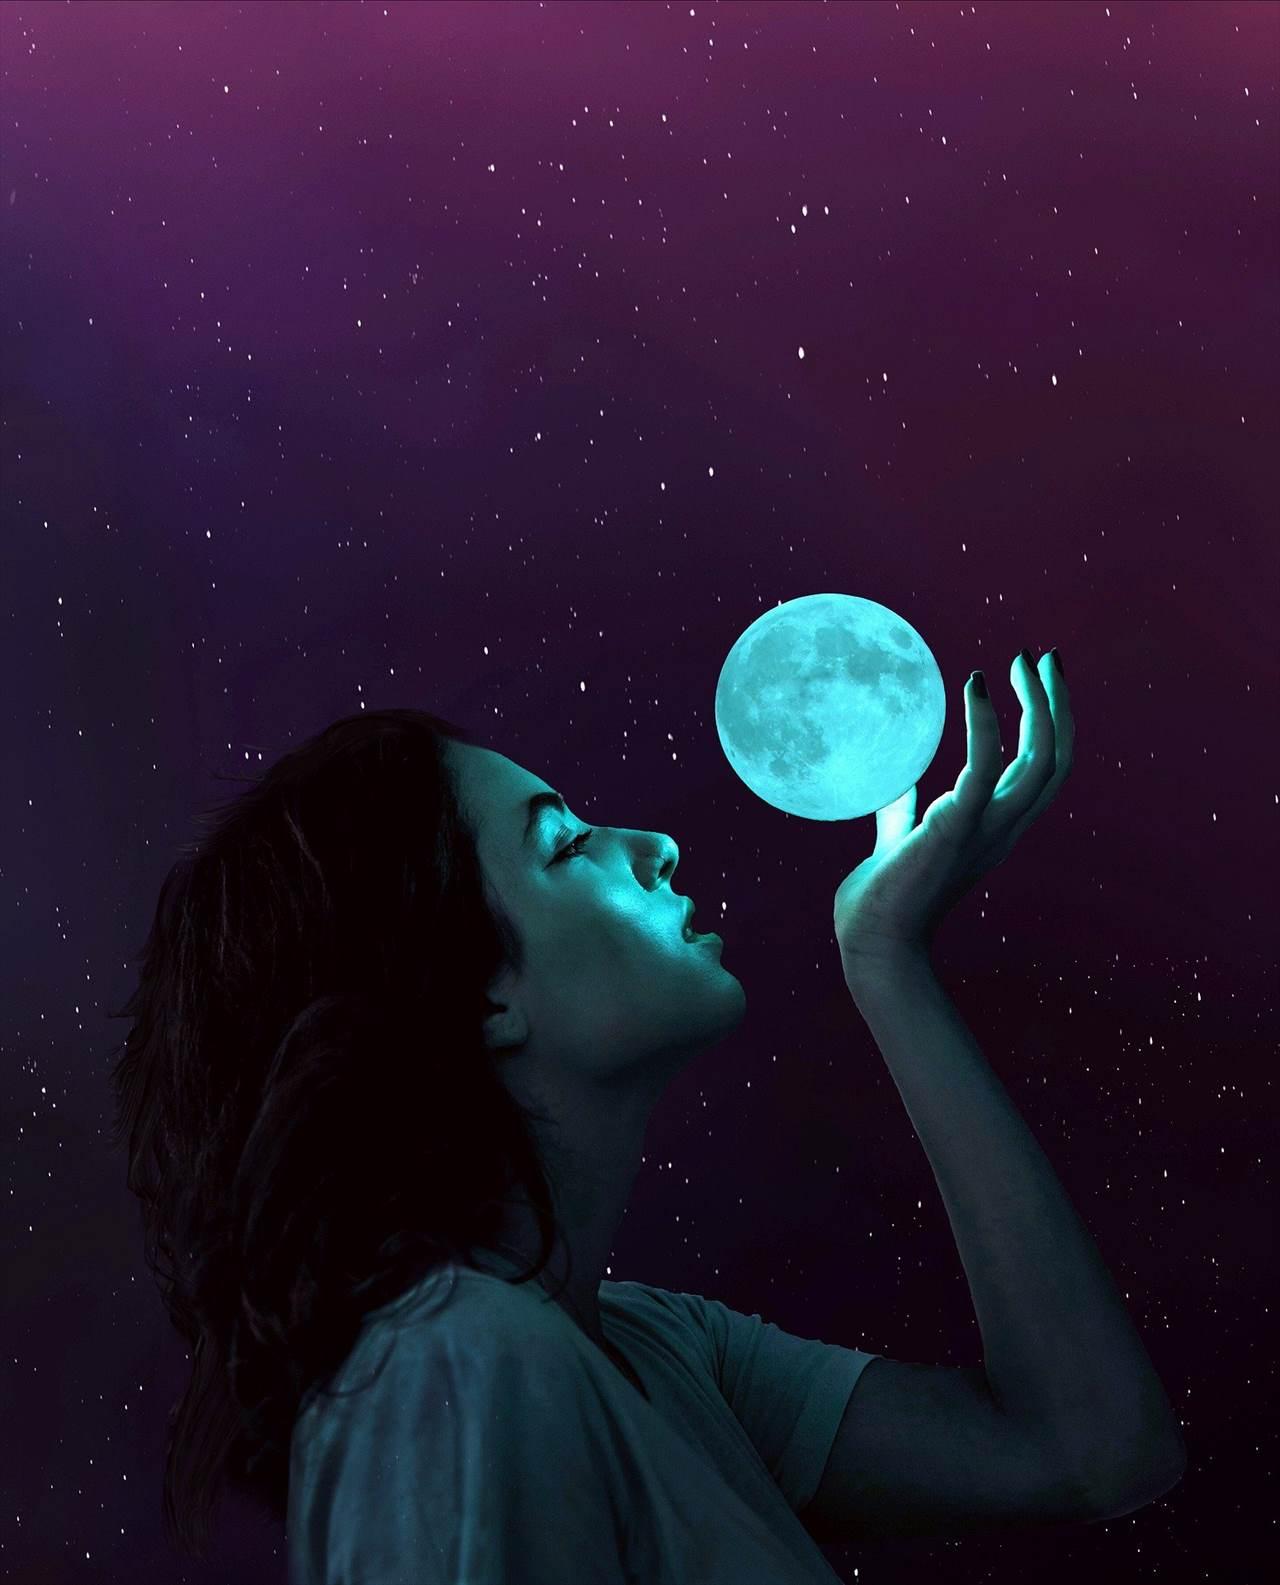 月を手のひらに載せる少女のイメージ